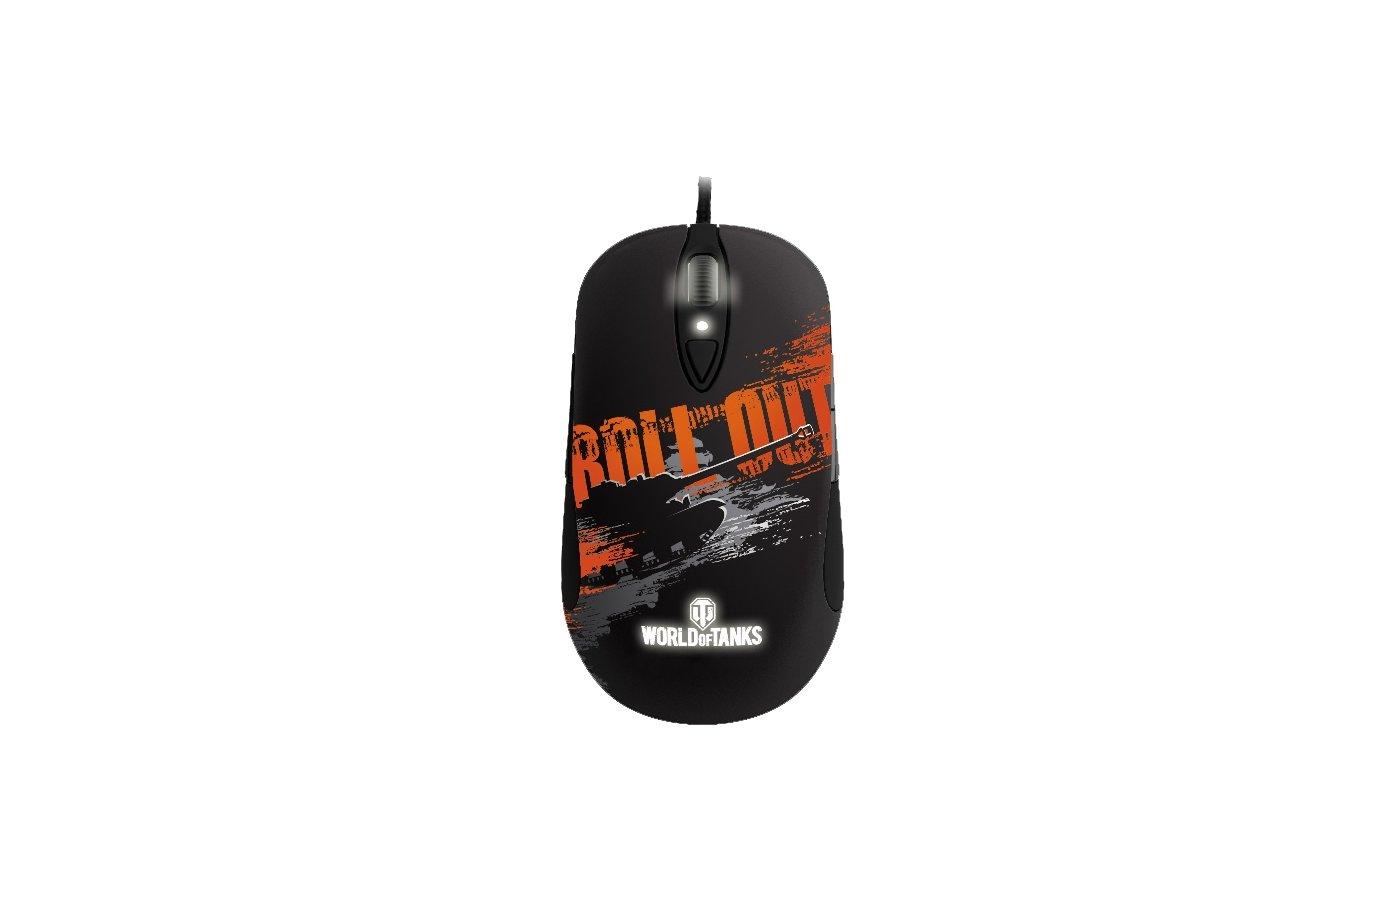 Мышь проводная Steelseries Sensei Raw World Of Tanks Мышь+коврик черный/серый/оранжевый